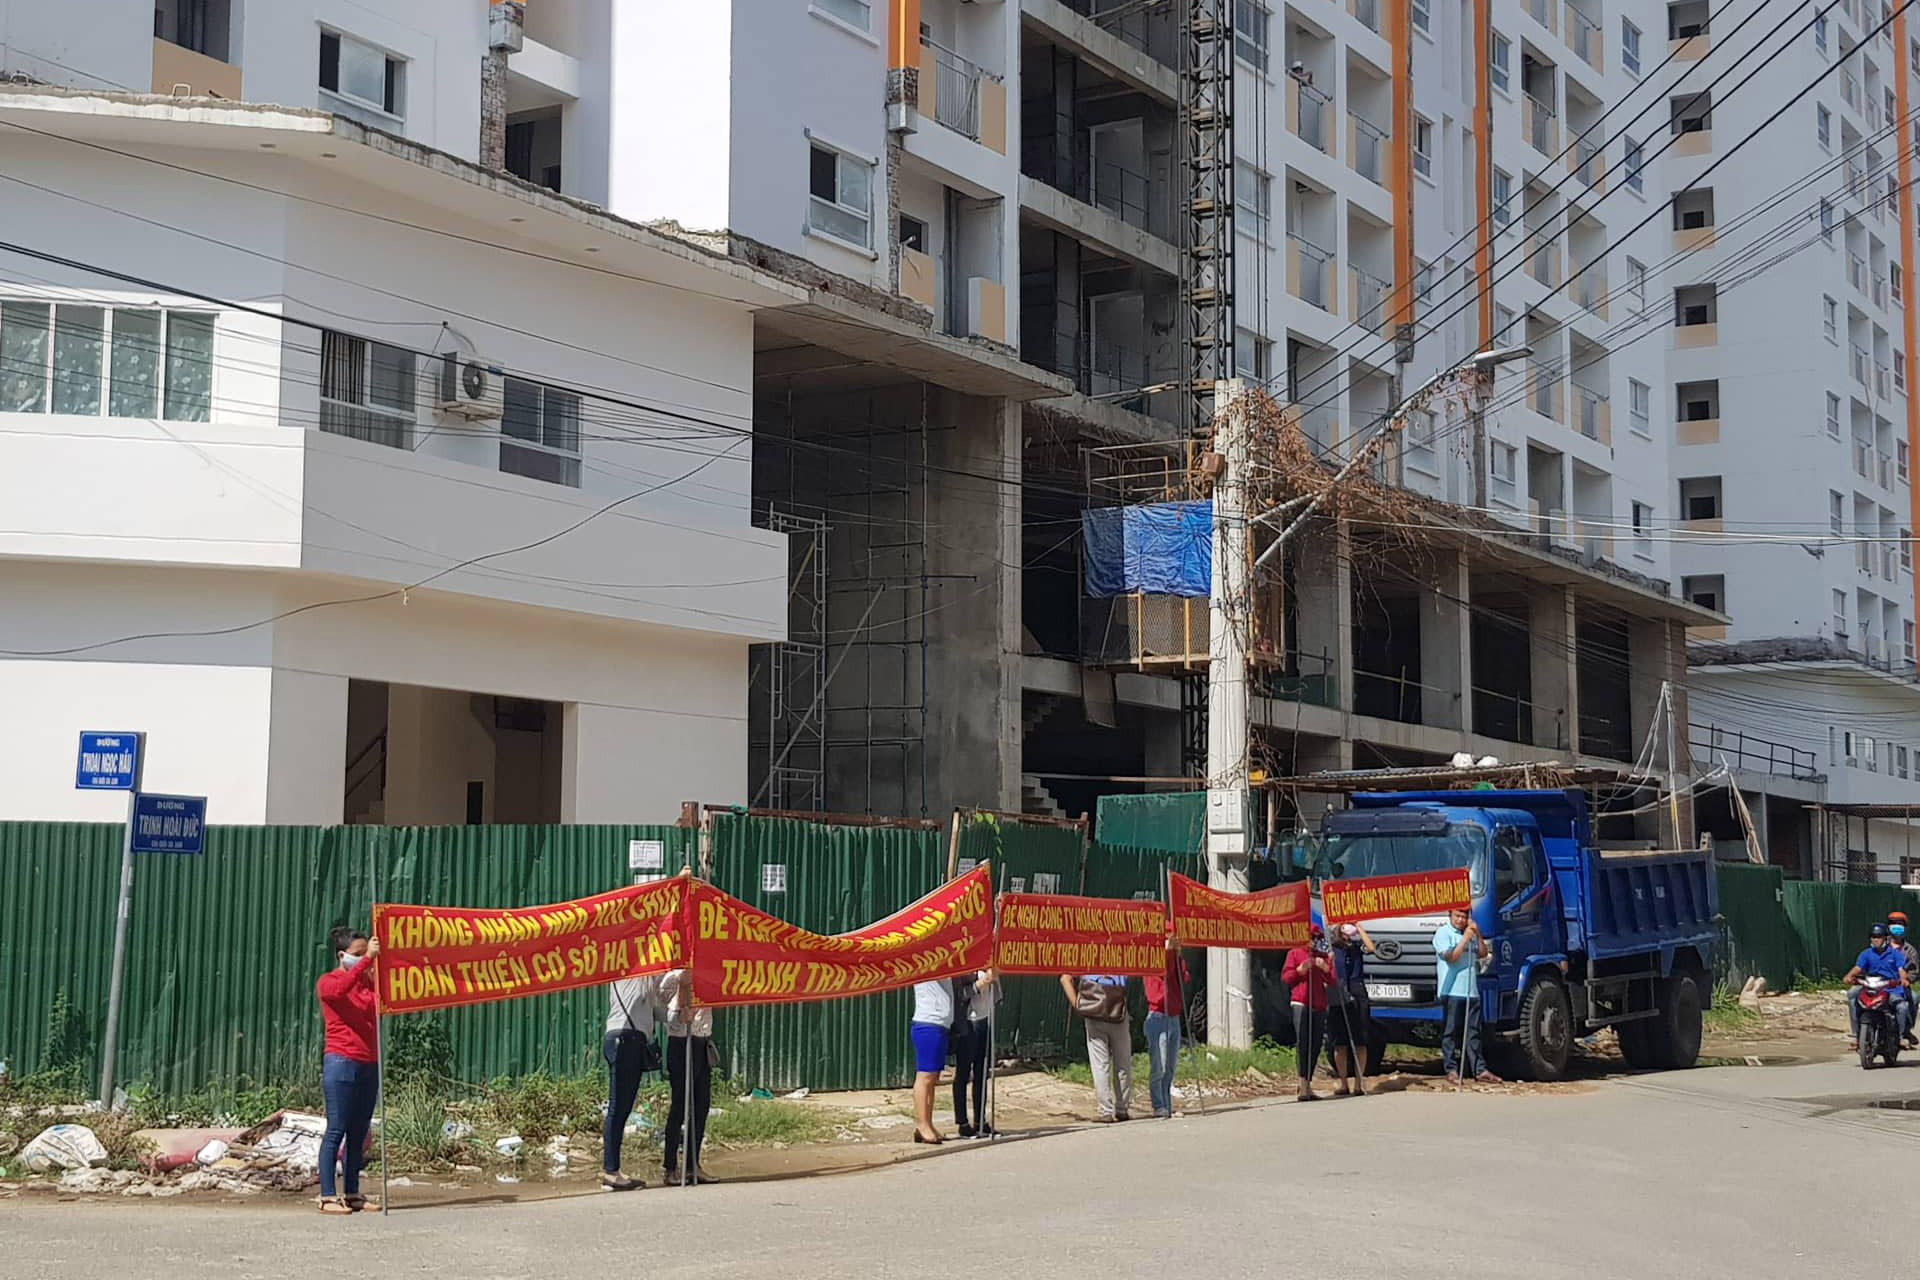 Chủ tịch UBND Khánh Hòa: Trong thời gian qua, một số dự án chậm tiến độ đã tạo ra sự bất ổn trong xã hội